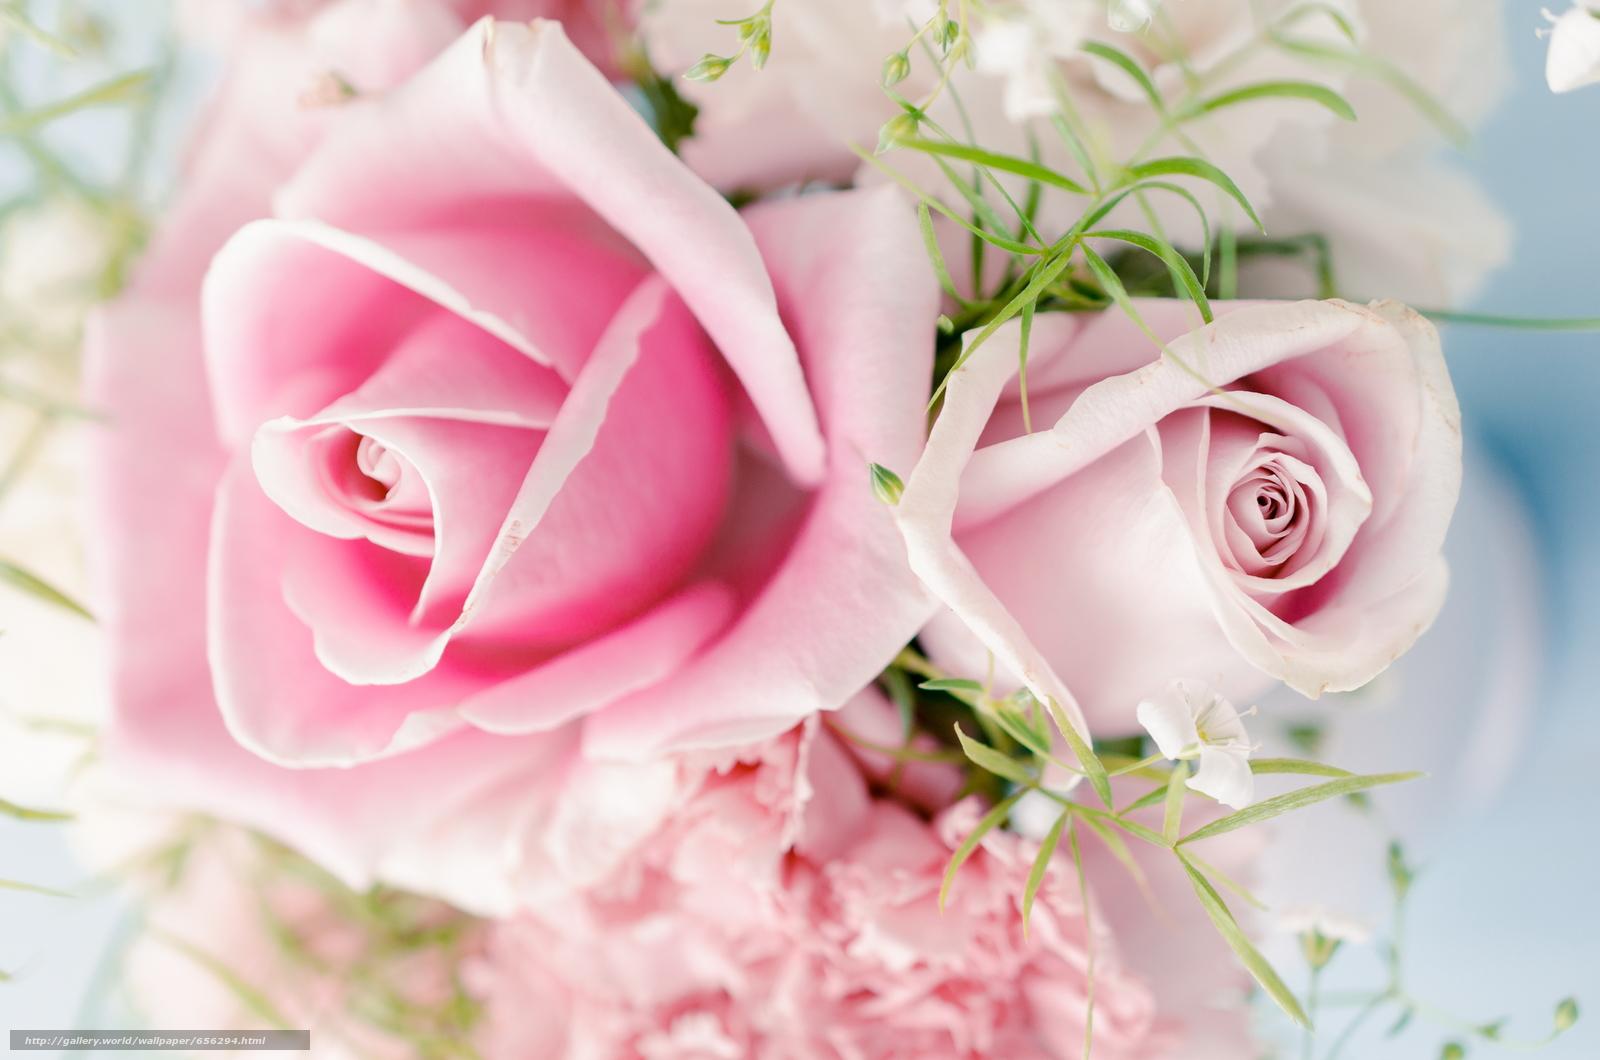 Скачать обои обои от Kisenok,  розы,  розовые,  цветы бесплатно для рабочего стола в разрешении 6040x4000 — картинка №656294